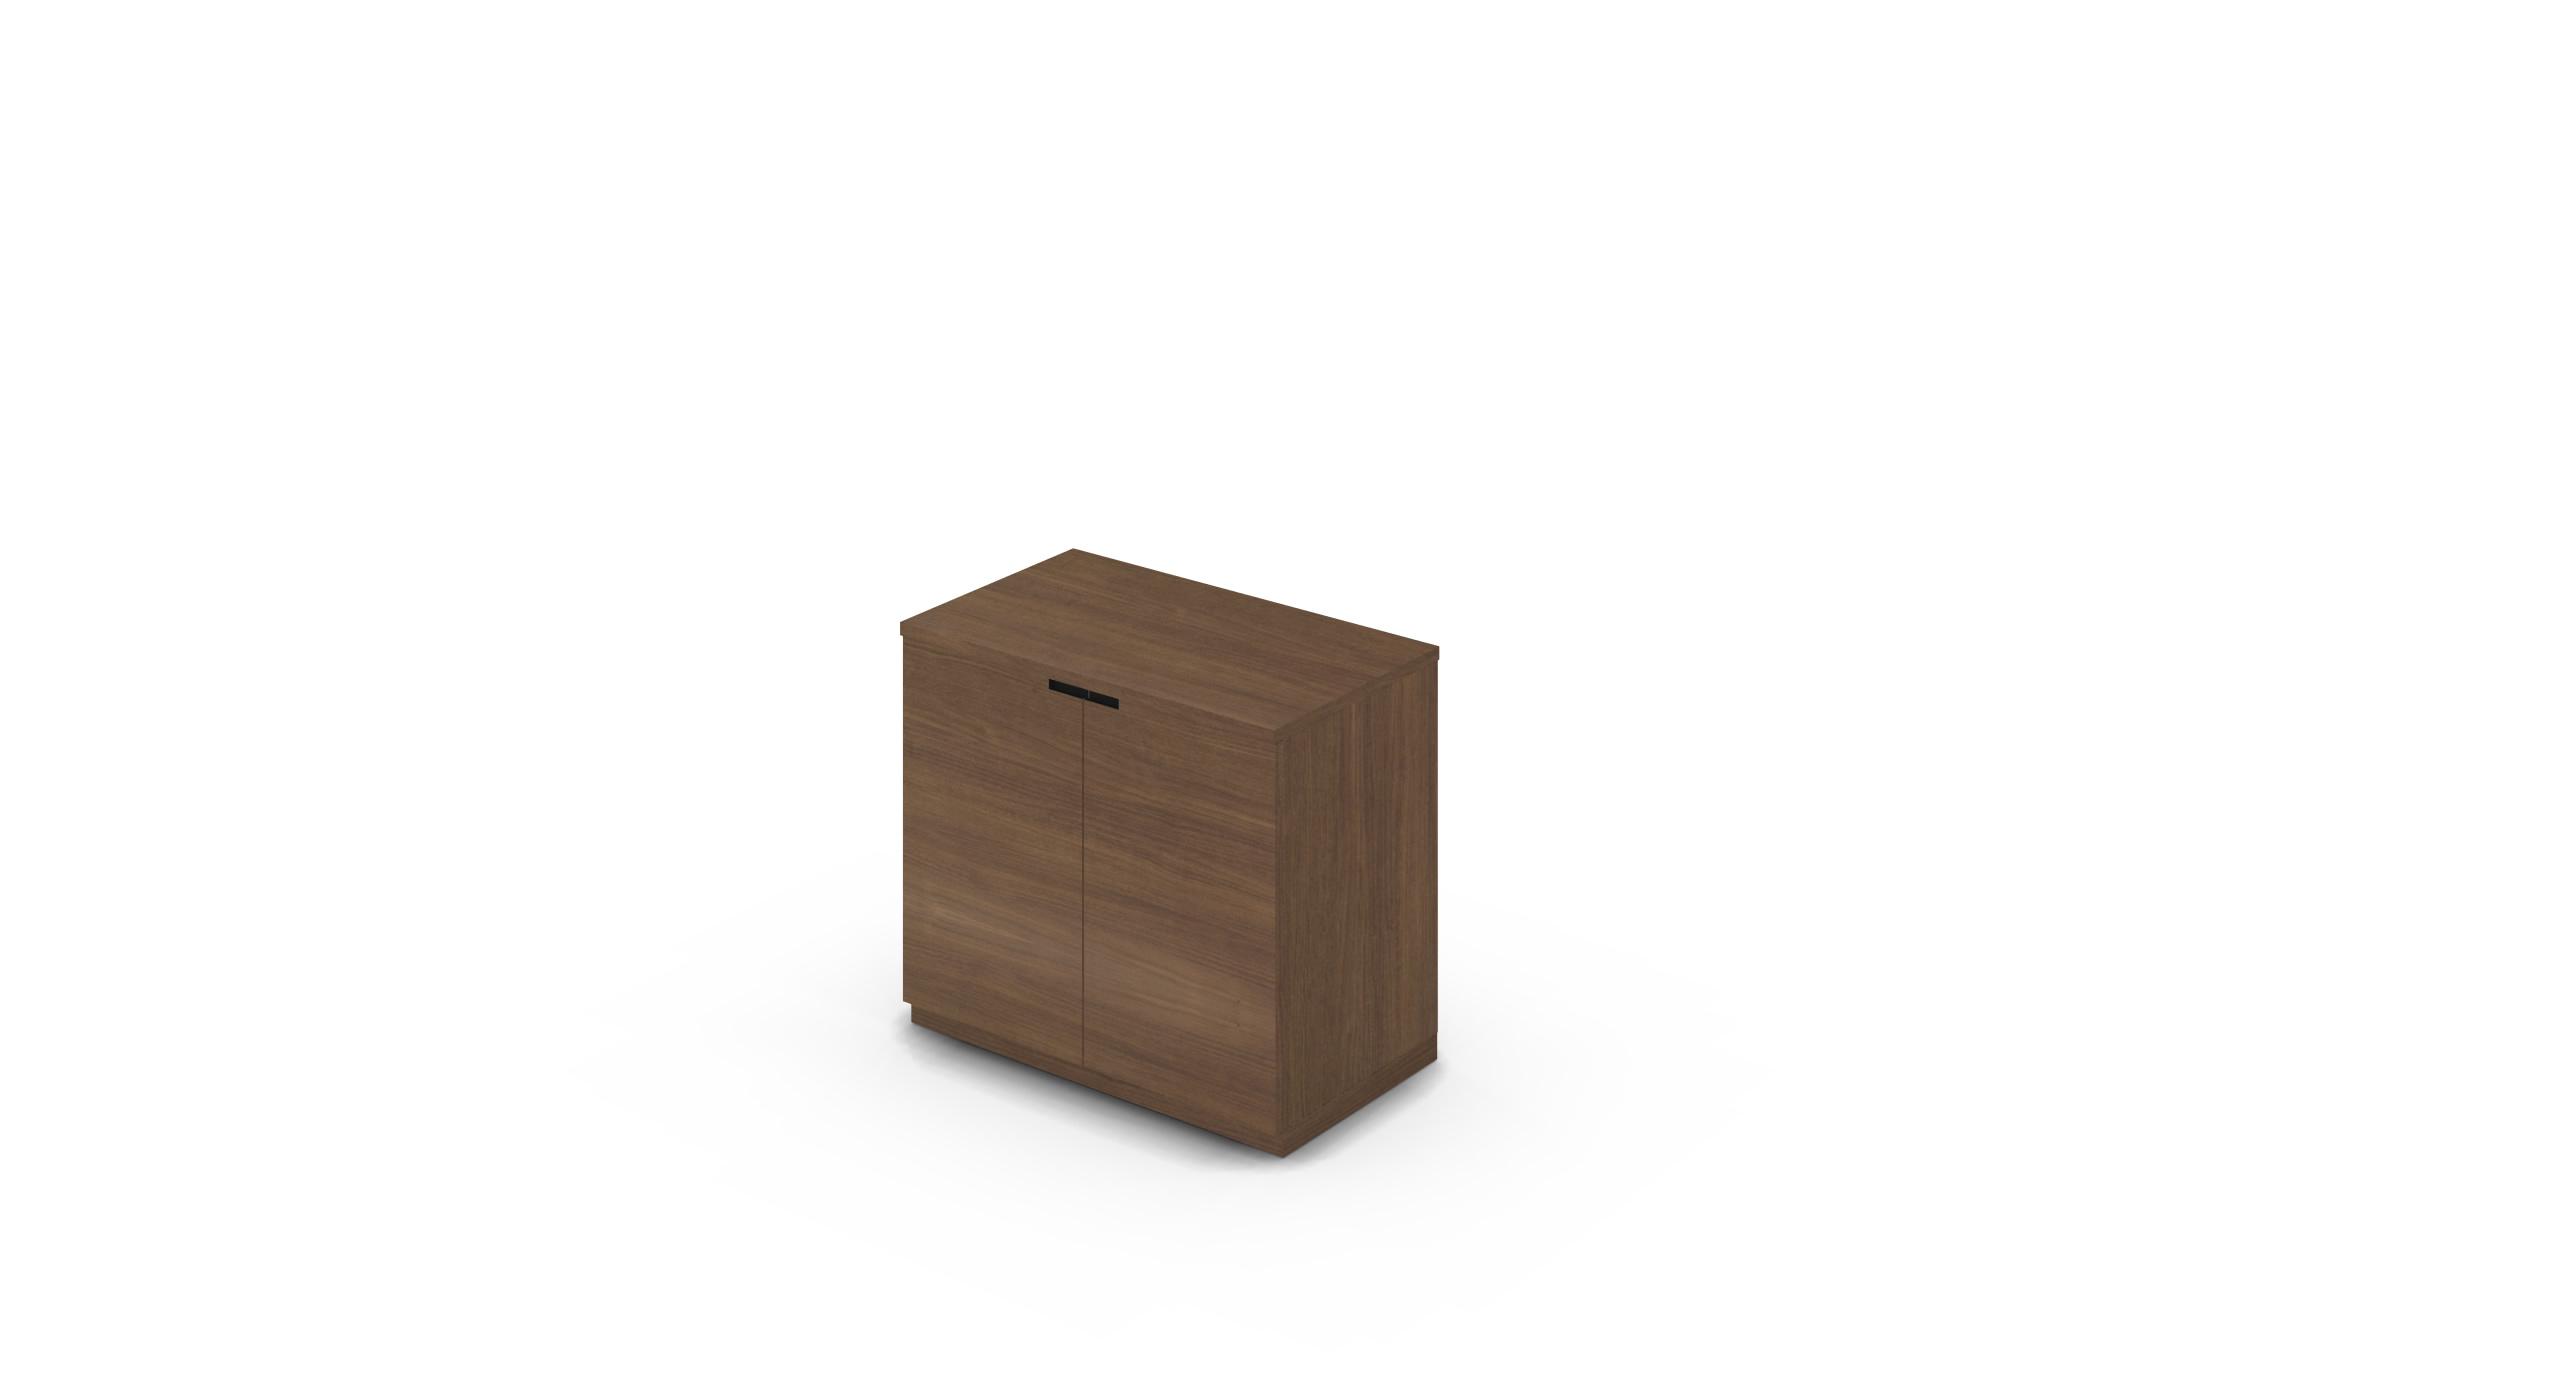 Cabinet_800x450x775_HD_Walnut_CutOut_NoCylinder